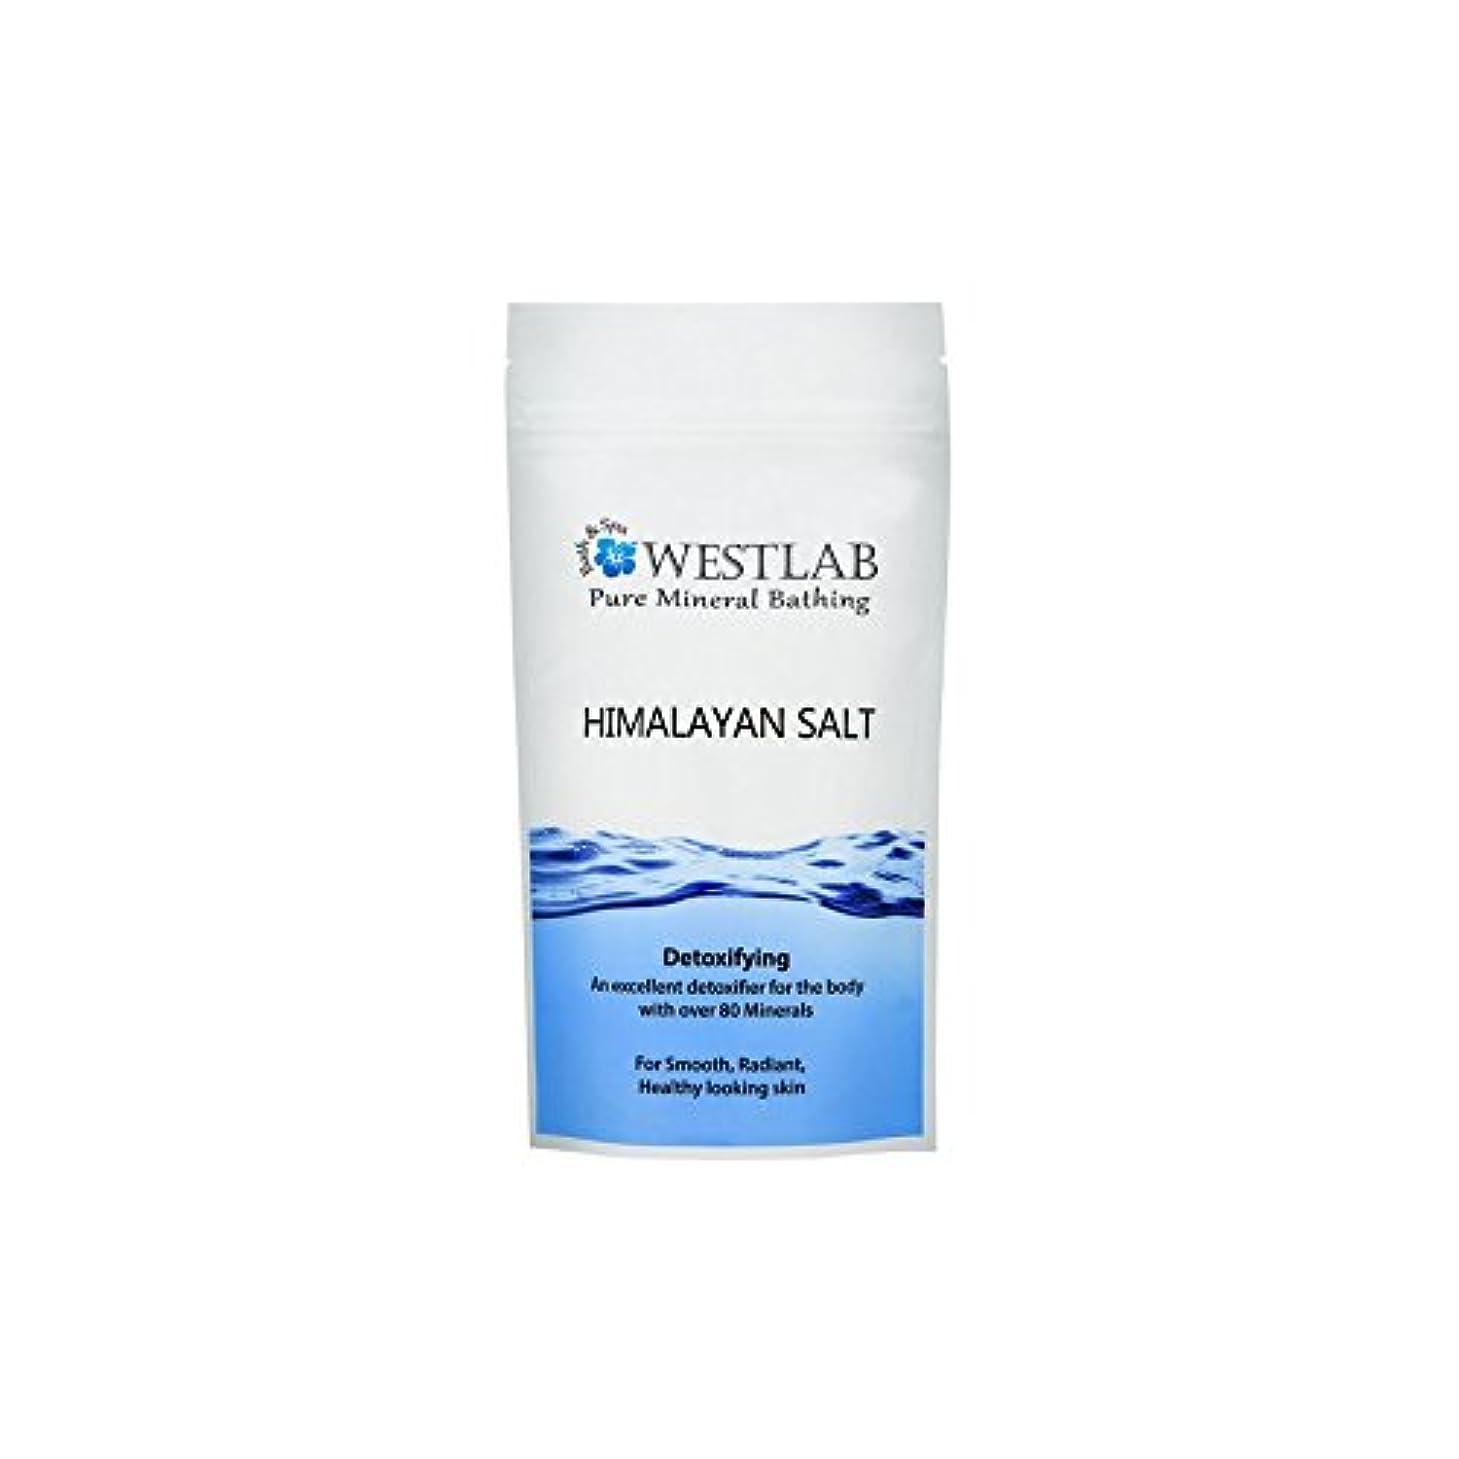 勢いスティック部屋を掃除するヒマラヤの塩500グラム x4 - Westlab Himalayan Salt 500g (Pack of 4) [並行輸入品]